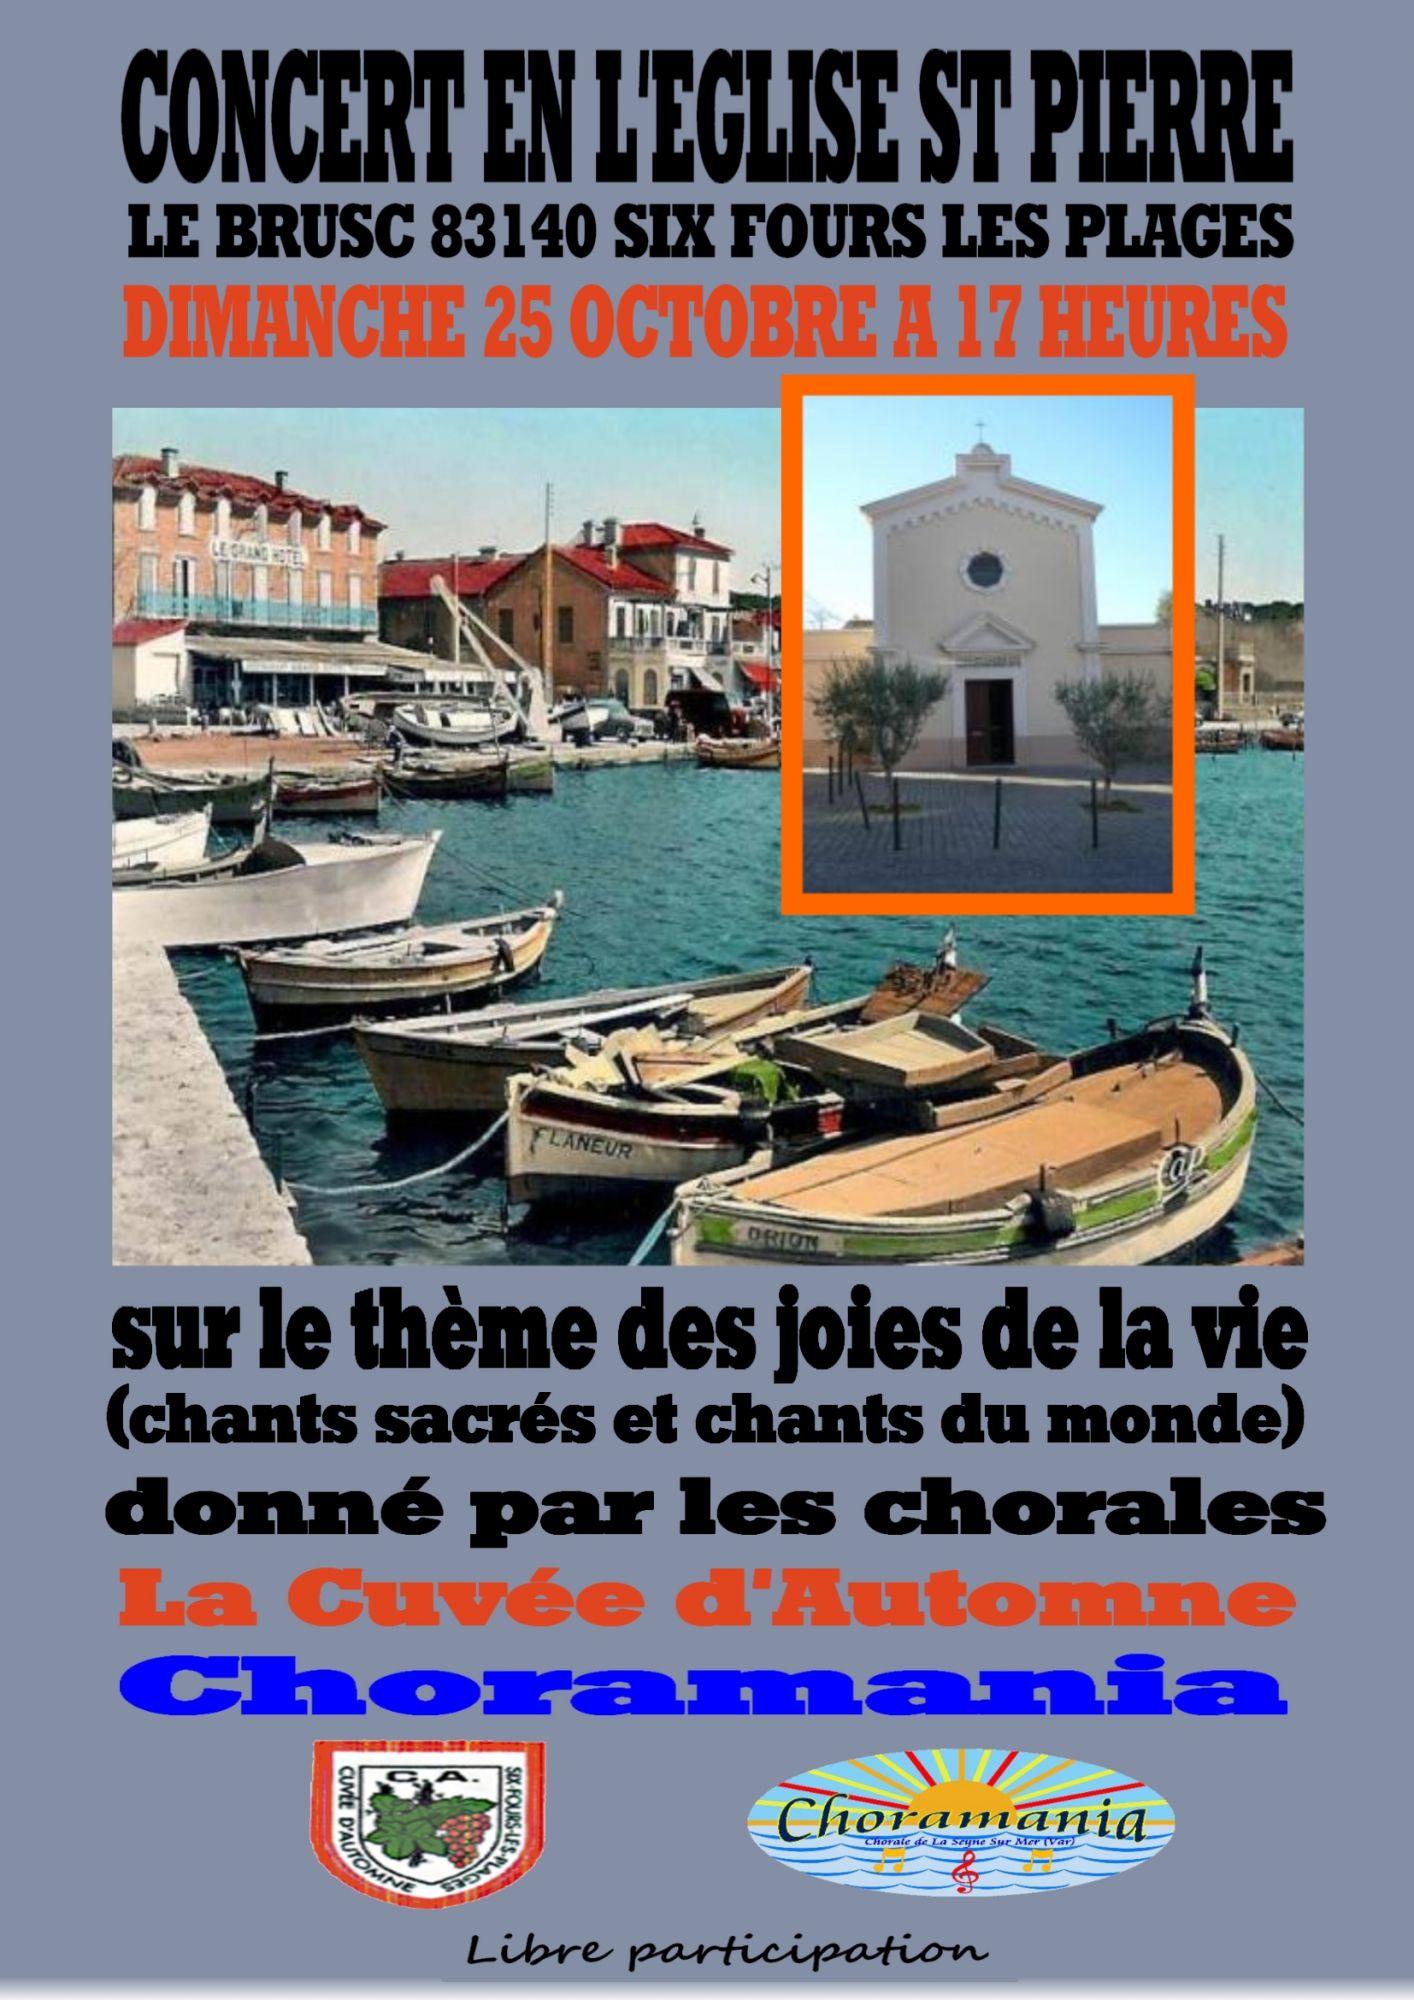 20151025 Affiche du Concert du 25 octobre 2015